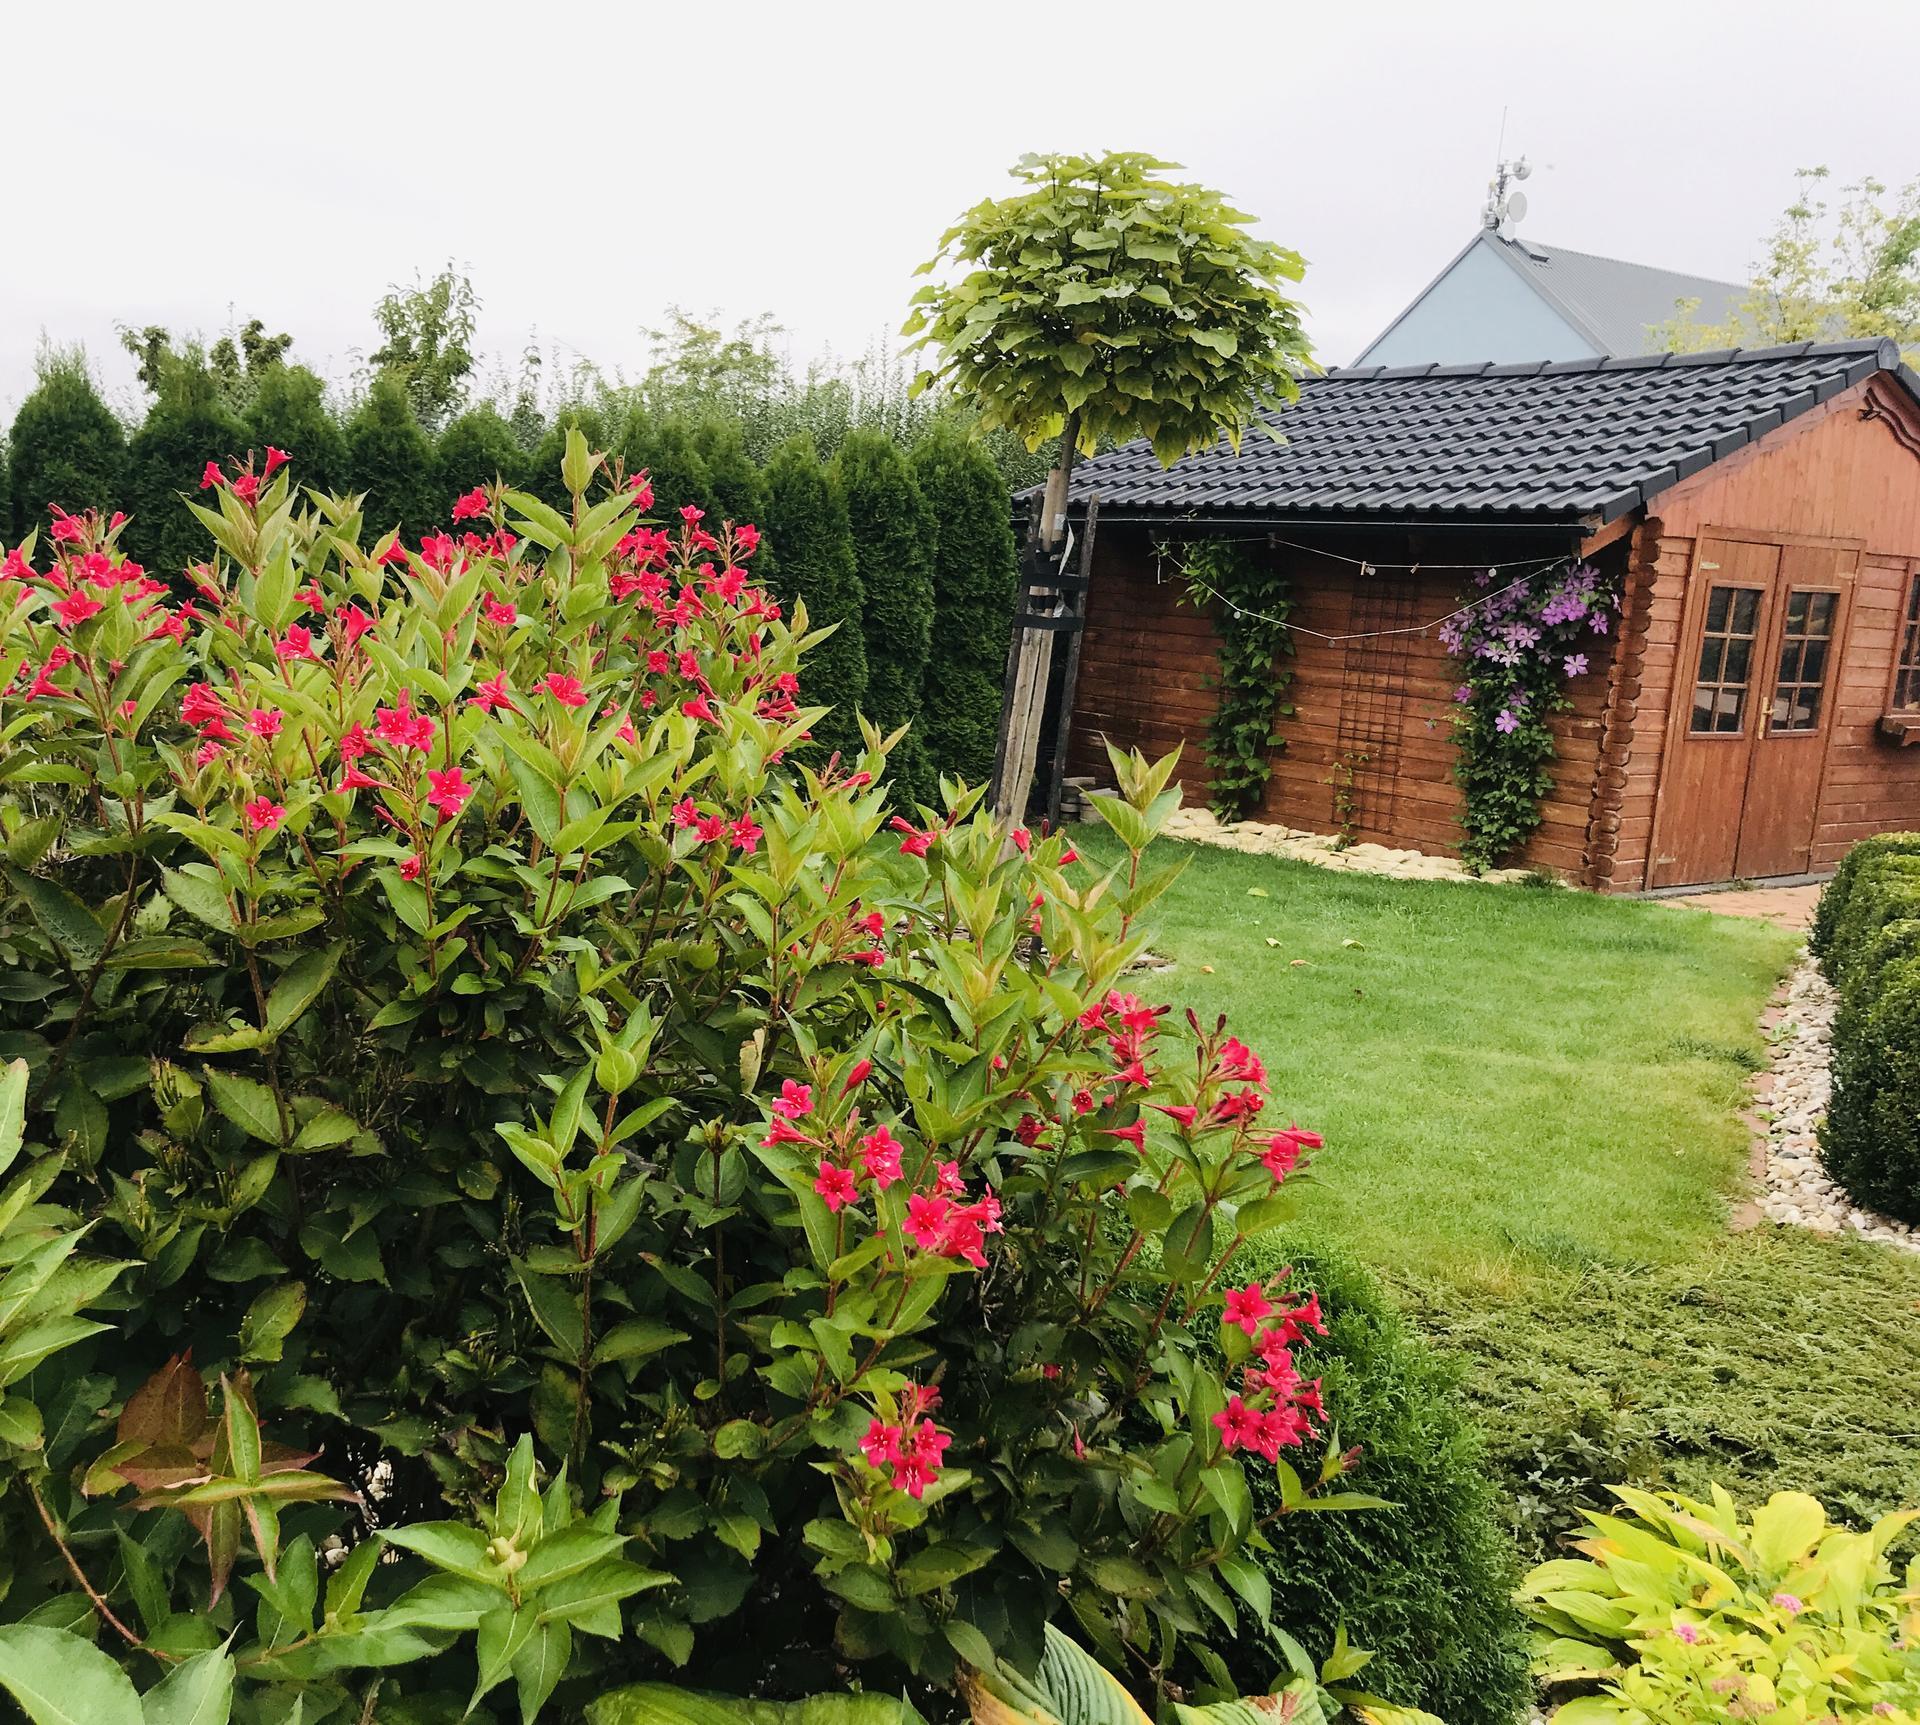 Naše barevná zahrada 🌸 rok 2020 - Vajgelie kvetou podruhe 👌